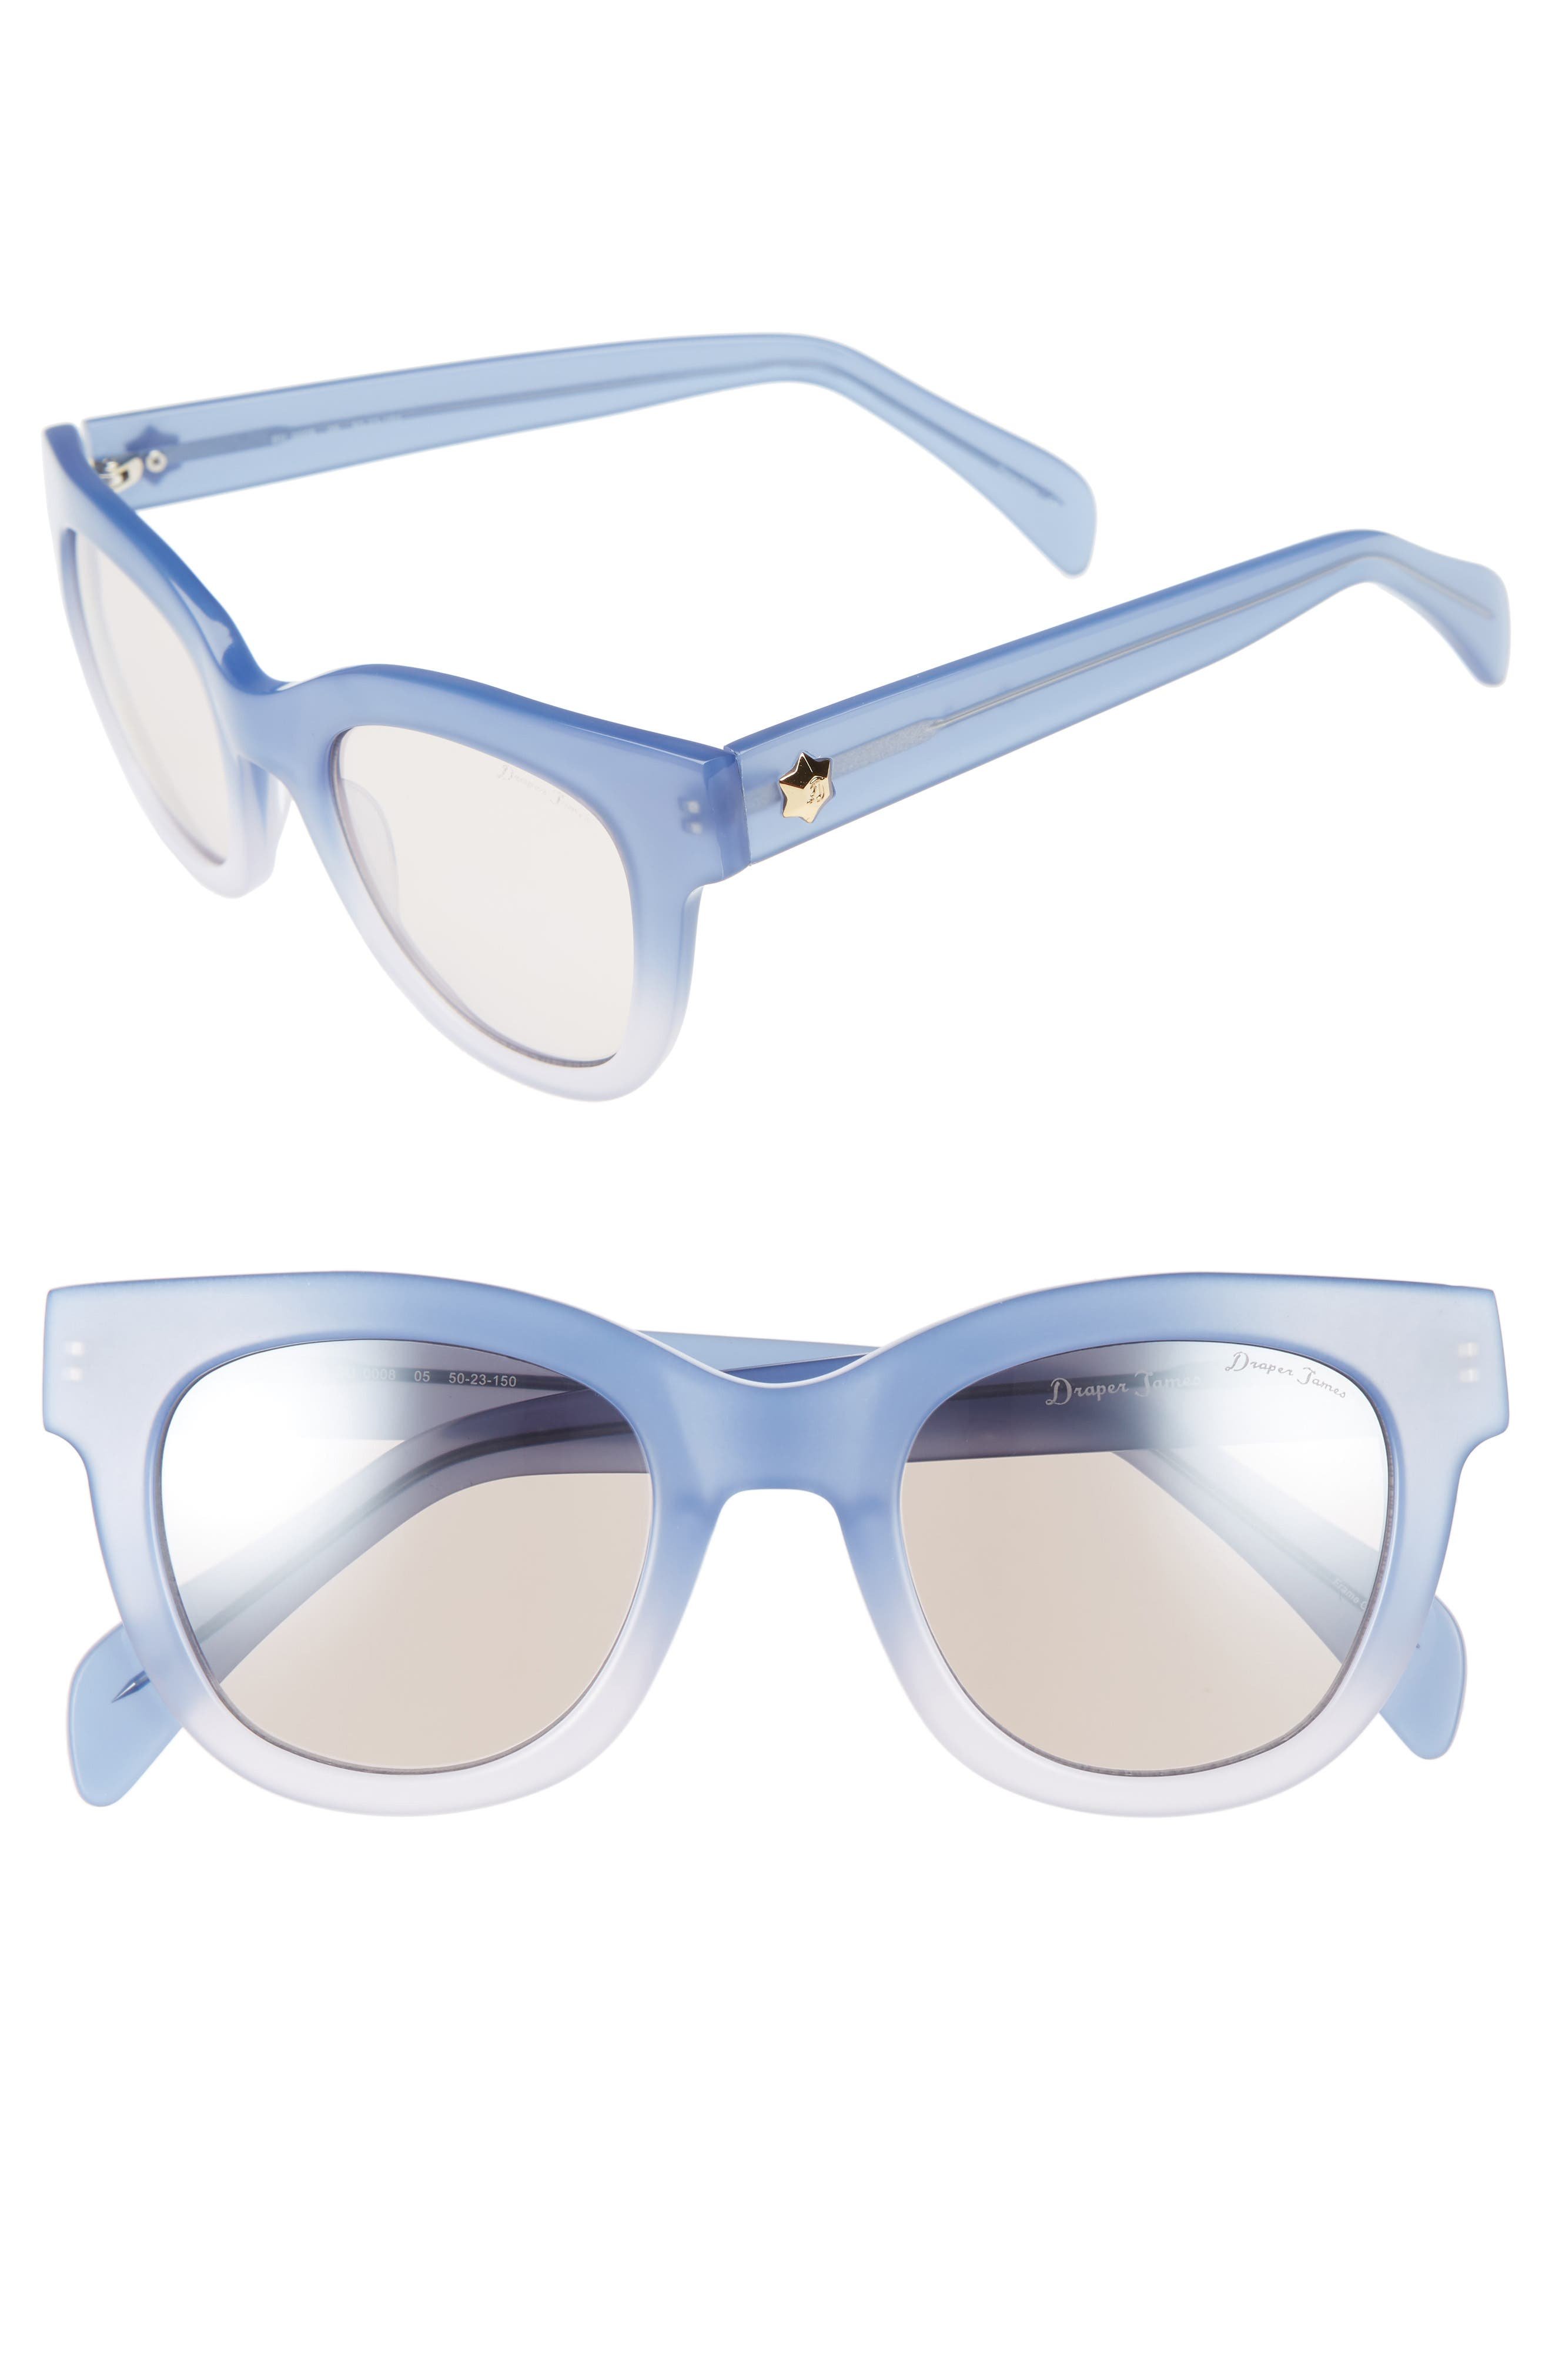 50mm Gradient Lens Cat Eye Sunglasses,                         Main,                         color, Blue